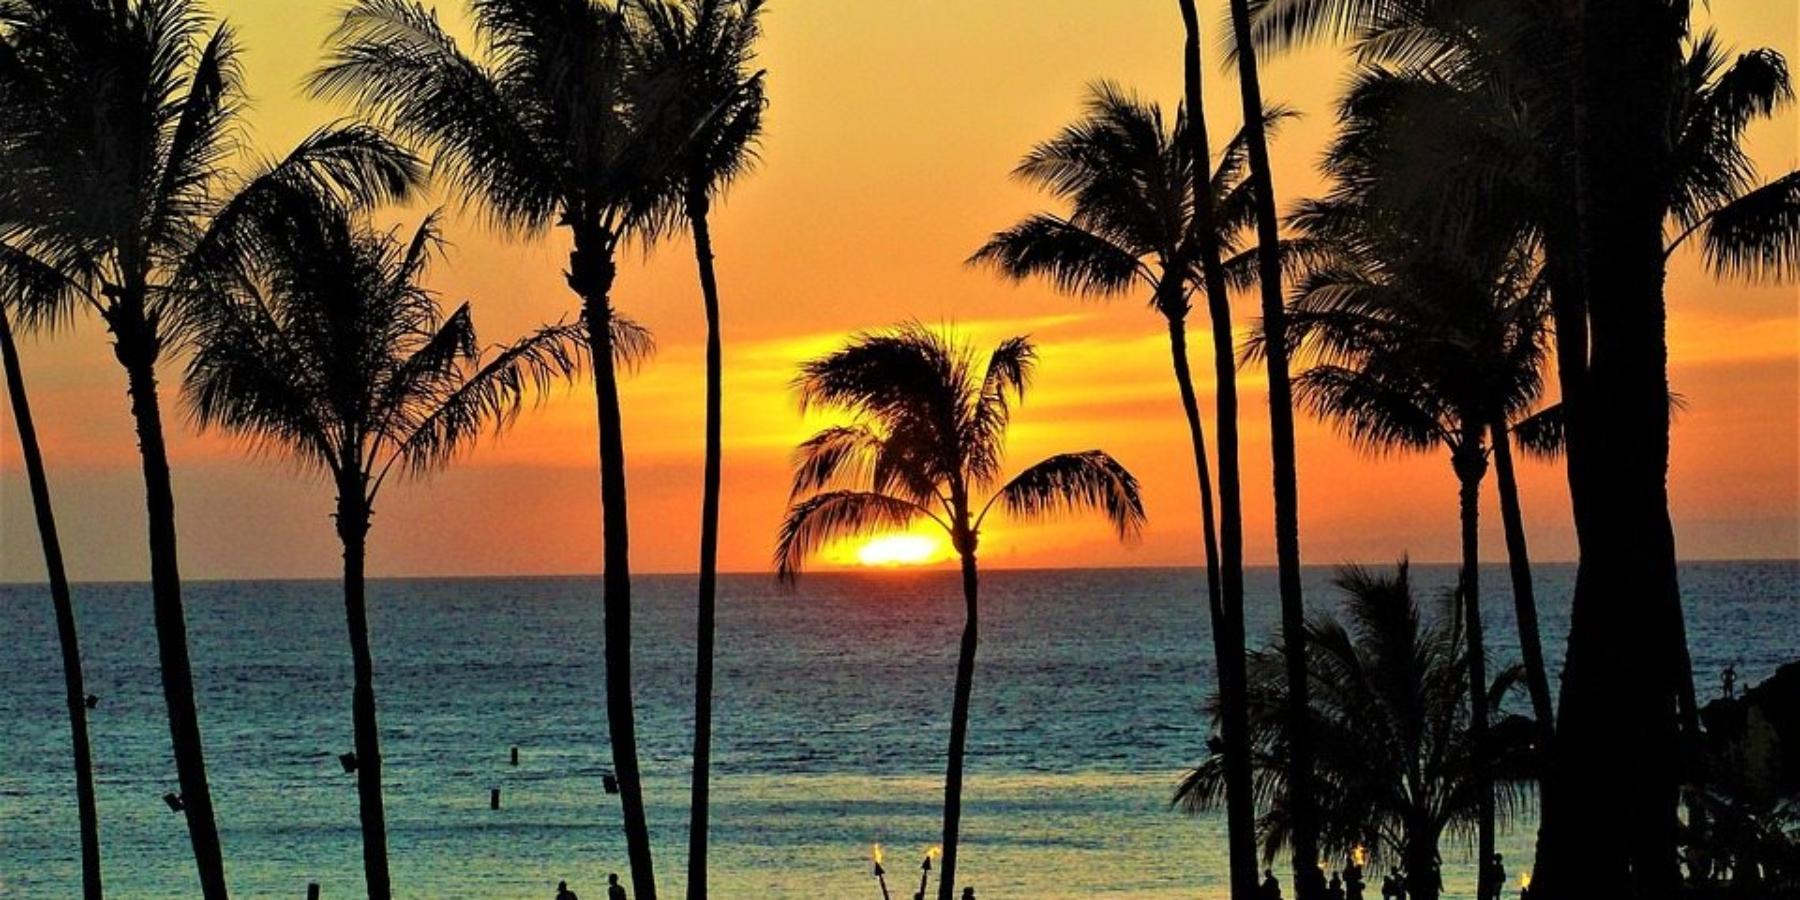 Prasówka IT inowe technologie #32 Pracownik nacisnął zły przycisk. Hawajczycy dostali nakaz ewakuacji.